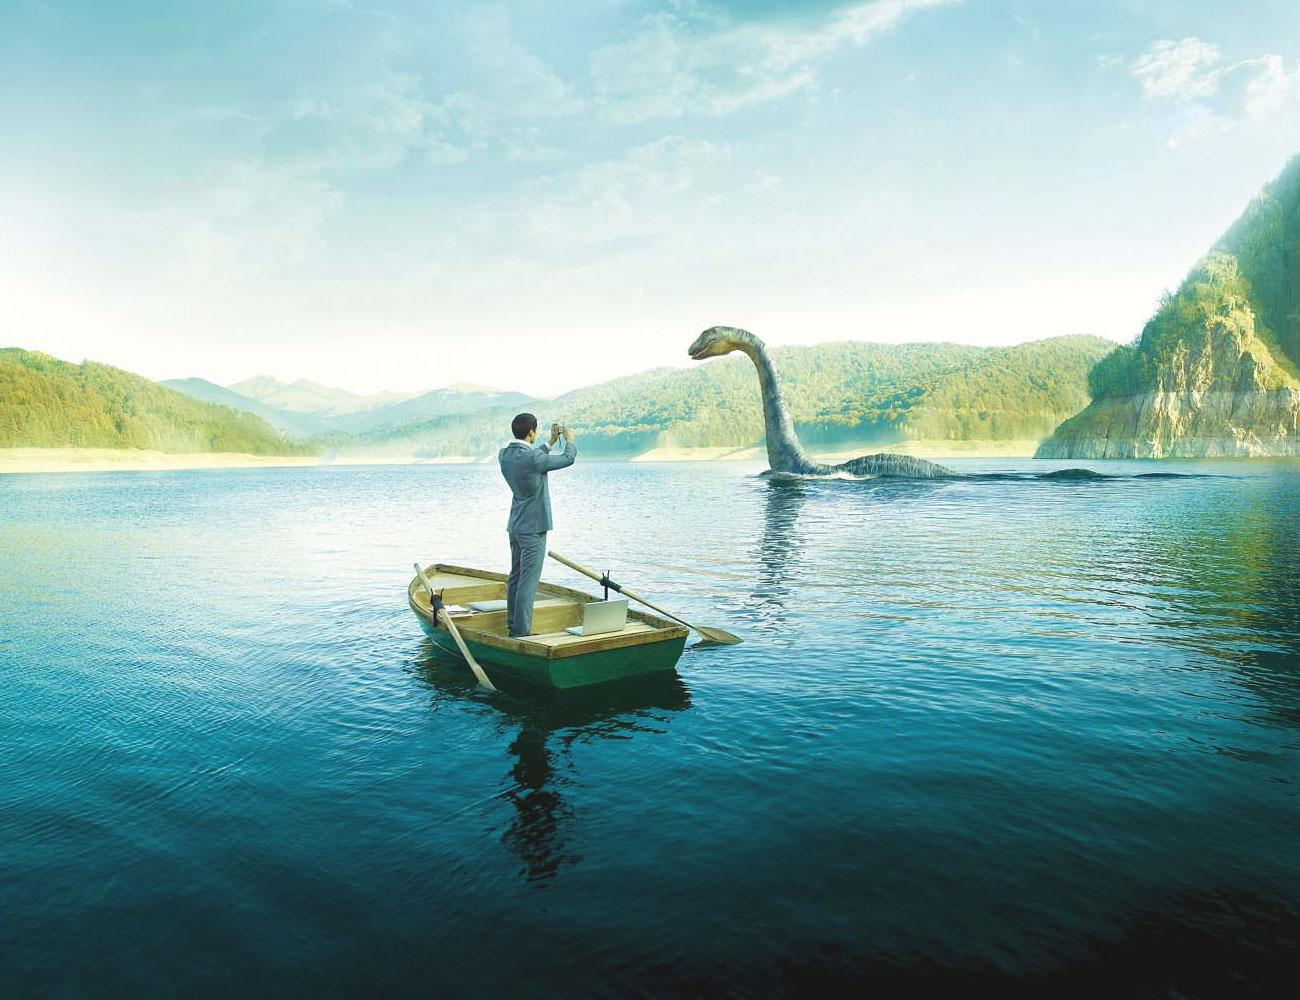 Nessie at the Loch